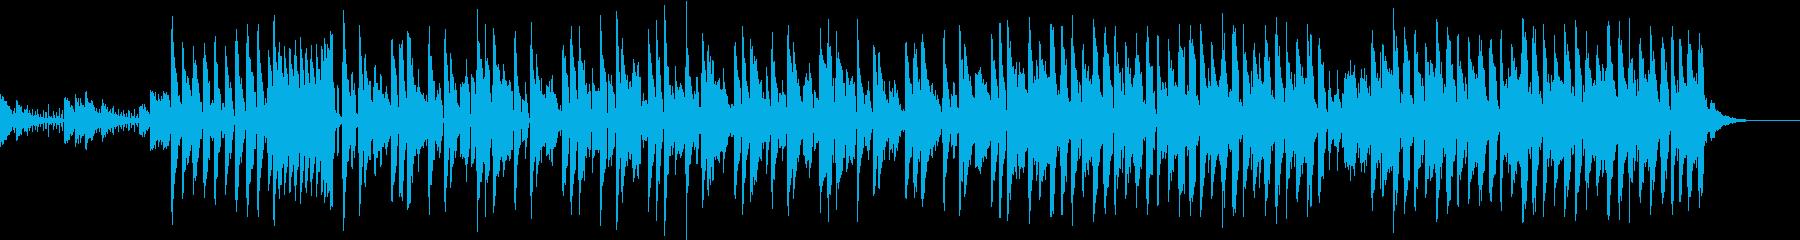 エレクトリックで爽やかな曲の再生済みの波形